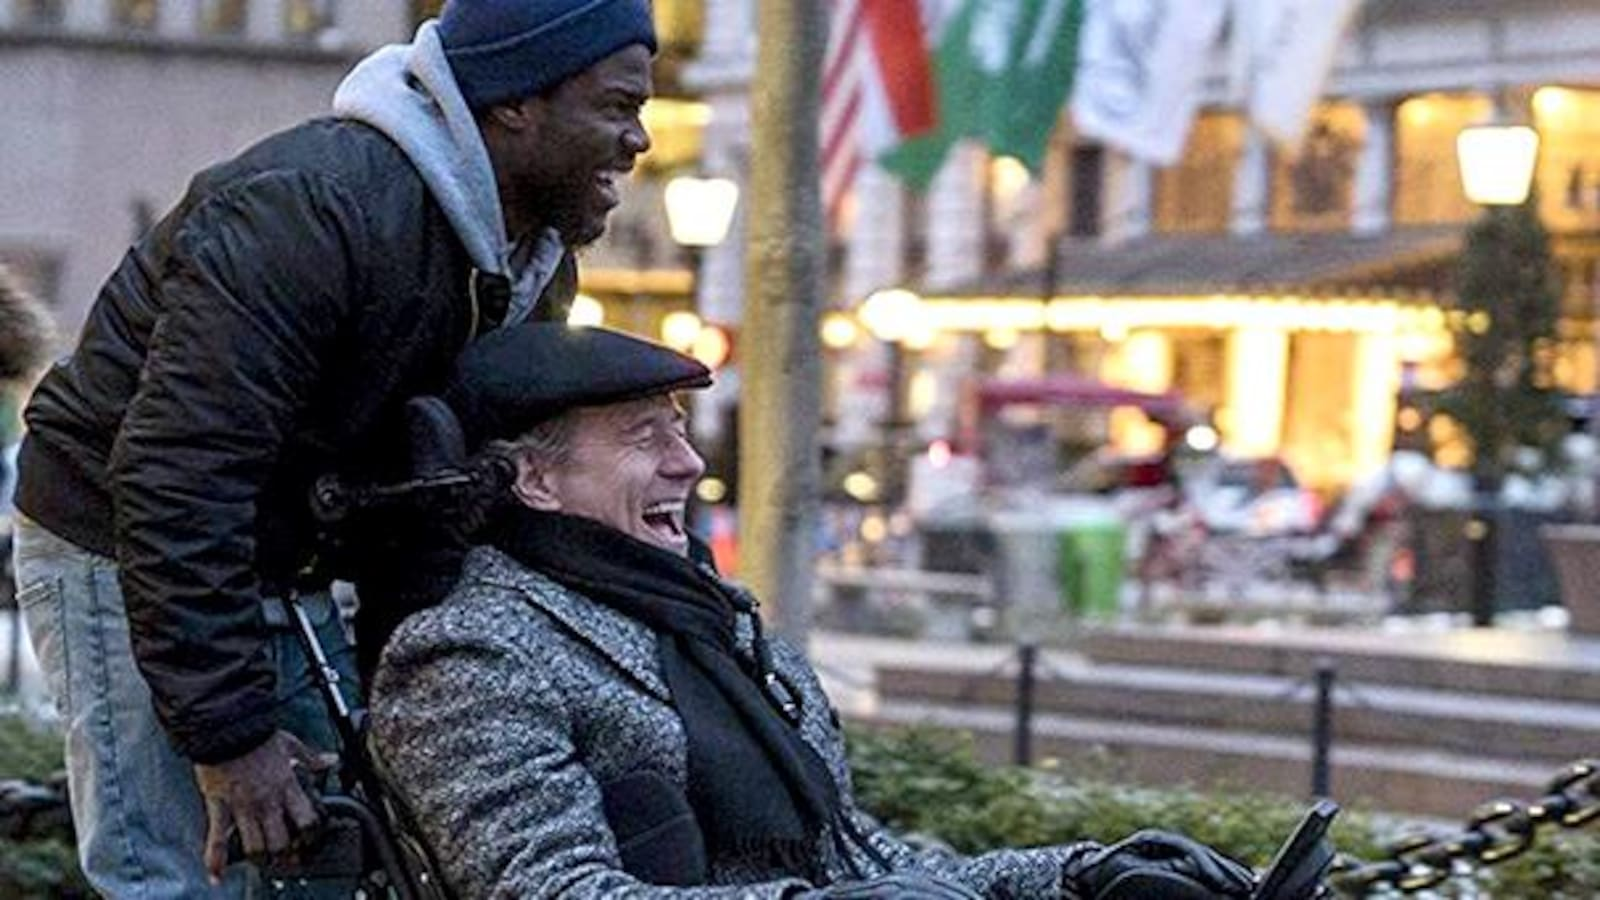 Un homme pousse un autre homme dans un fauteuil roulant et ils rient.